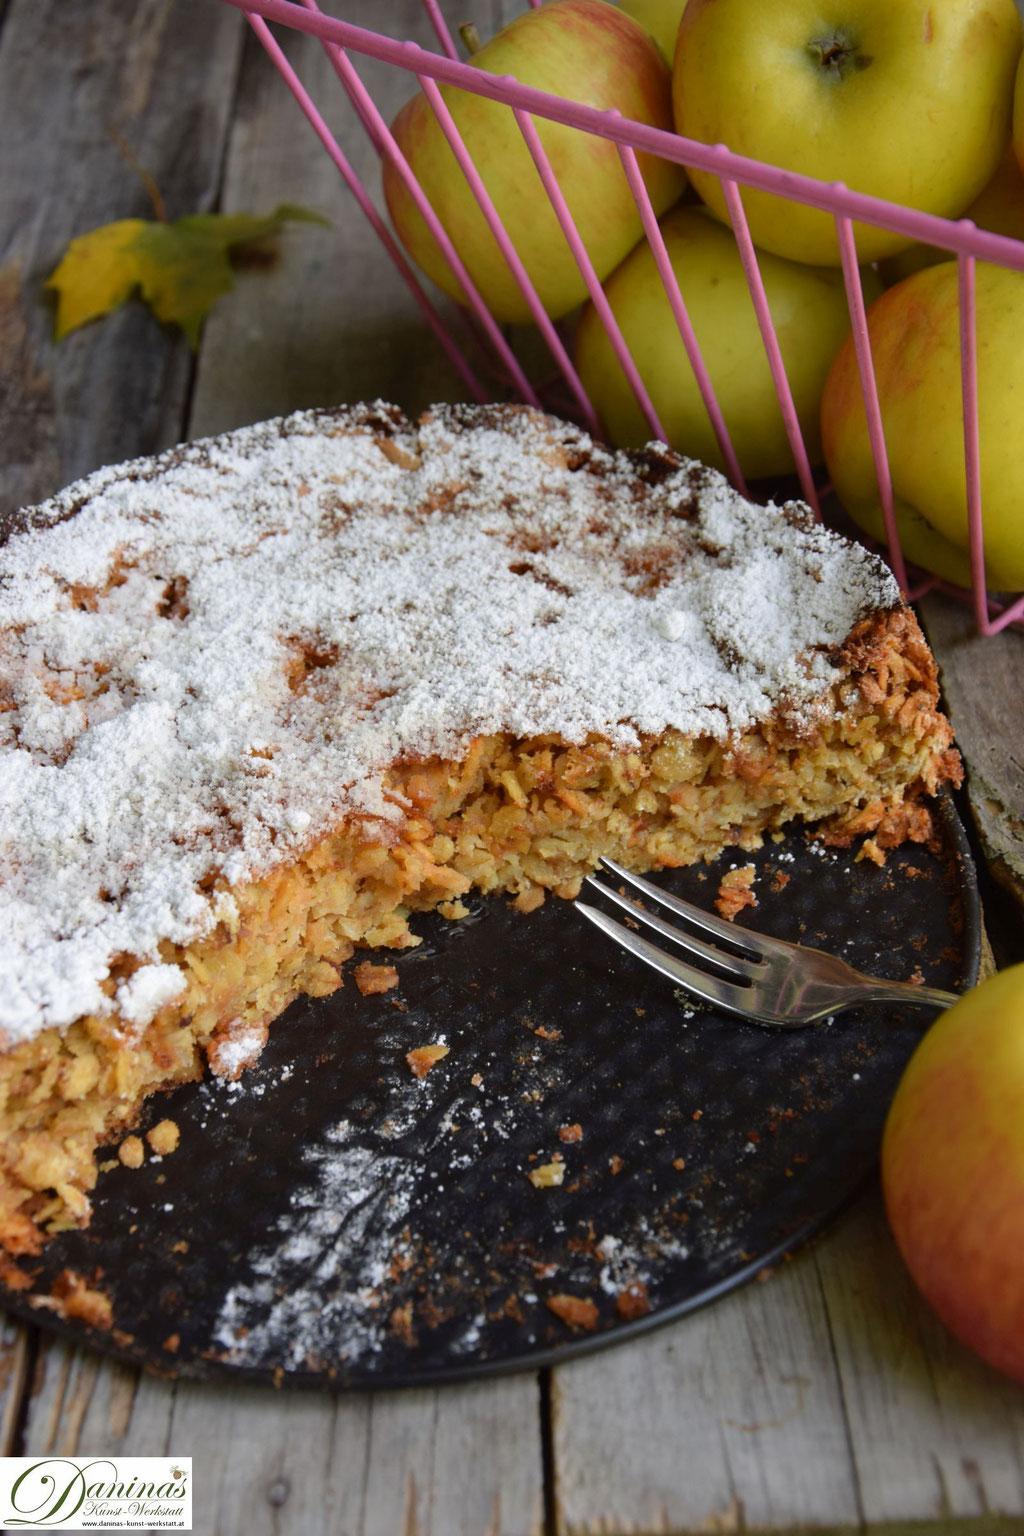 Saftiger Apfelkuchen Rezept mit Haferflocken. Der gesündeste Kuchen aller Zeiten. Ruck zuck gemacht! Einfaches Konditor-Rezept by Daninas Dad mit Schritt für Schritt-Anleitung.